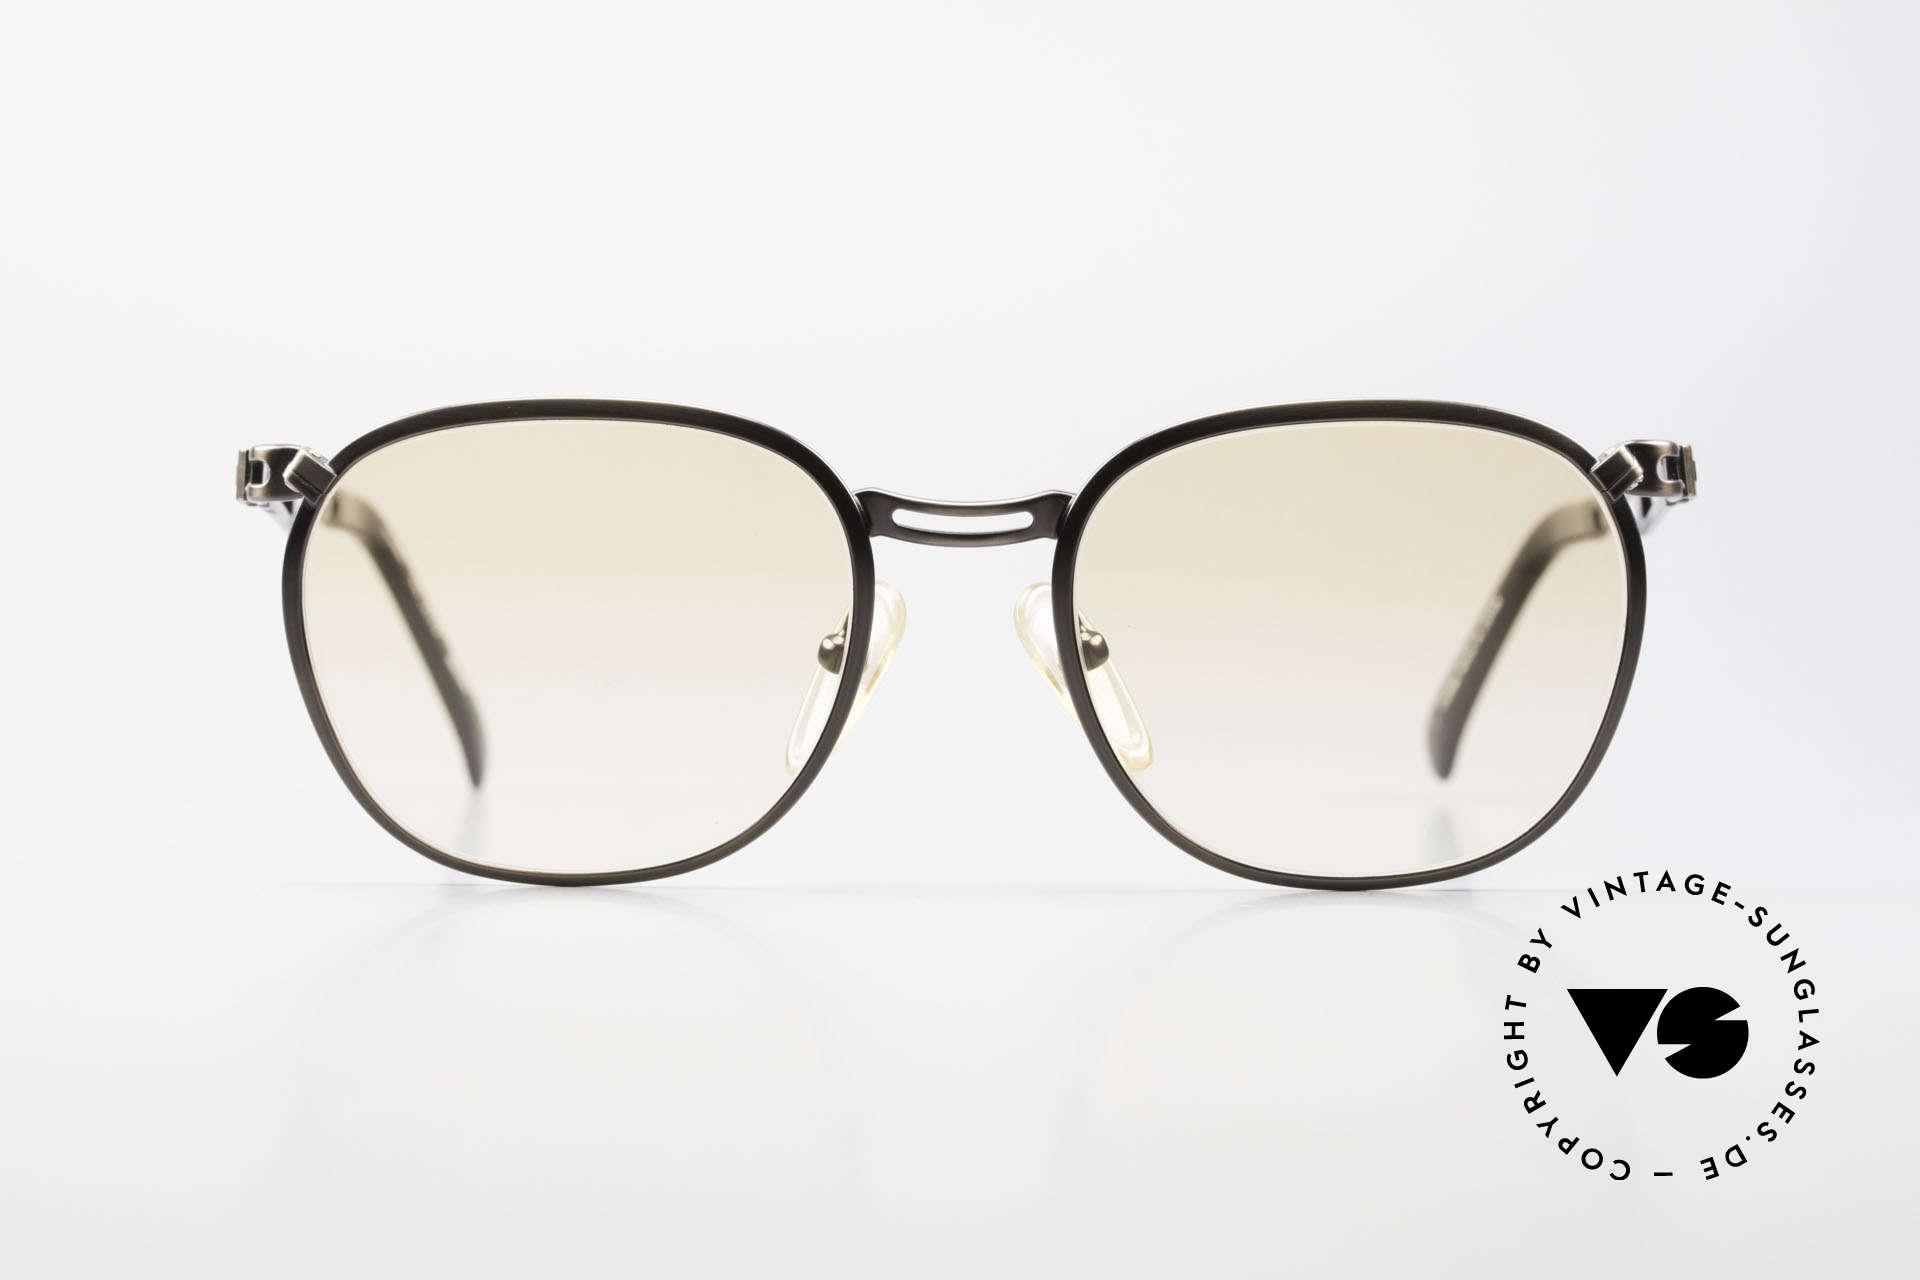 Jean Paul Gaultier 56-2177 Orange Gläser für den Abend, ungewöhnlich schlichtes Design vom Exzentriker JPG, Passend für Herren und Damen